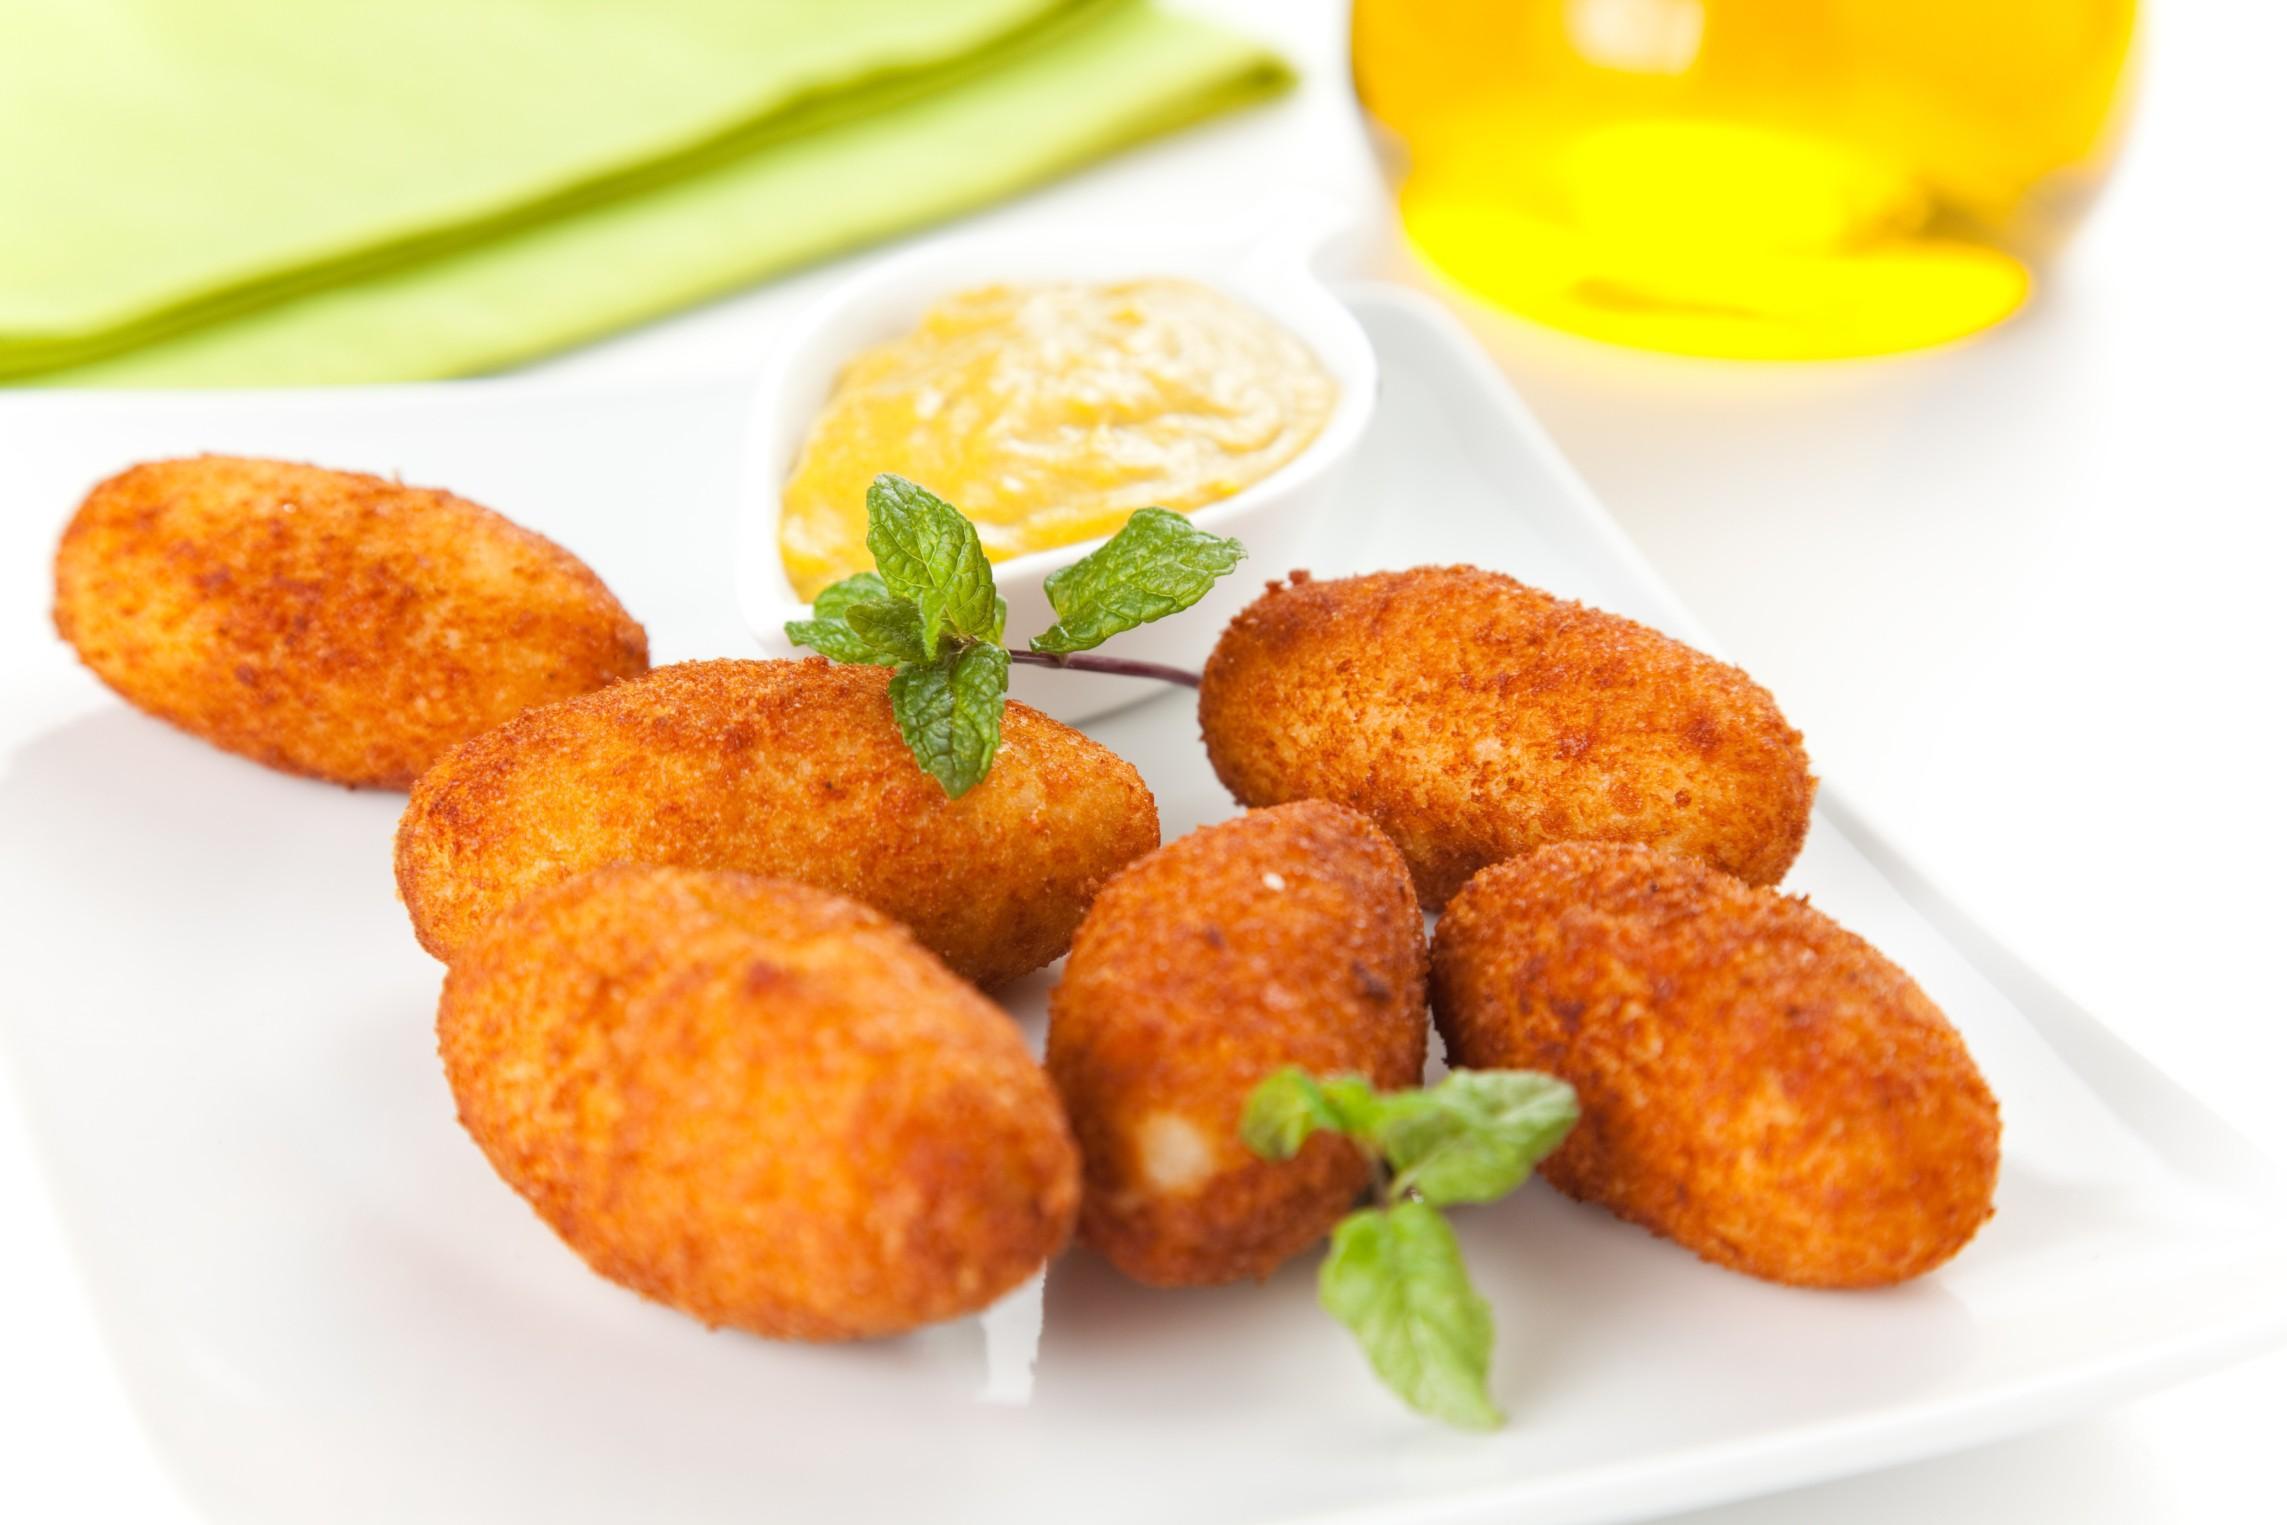 come-preparare-le-crocchette-di-patate_3016517b11880e4b2facf43699e31832